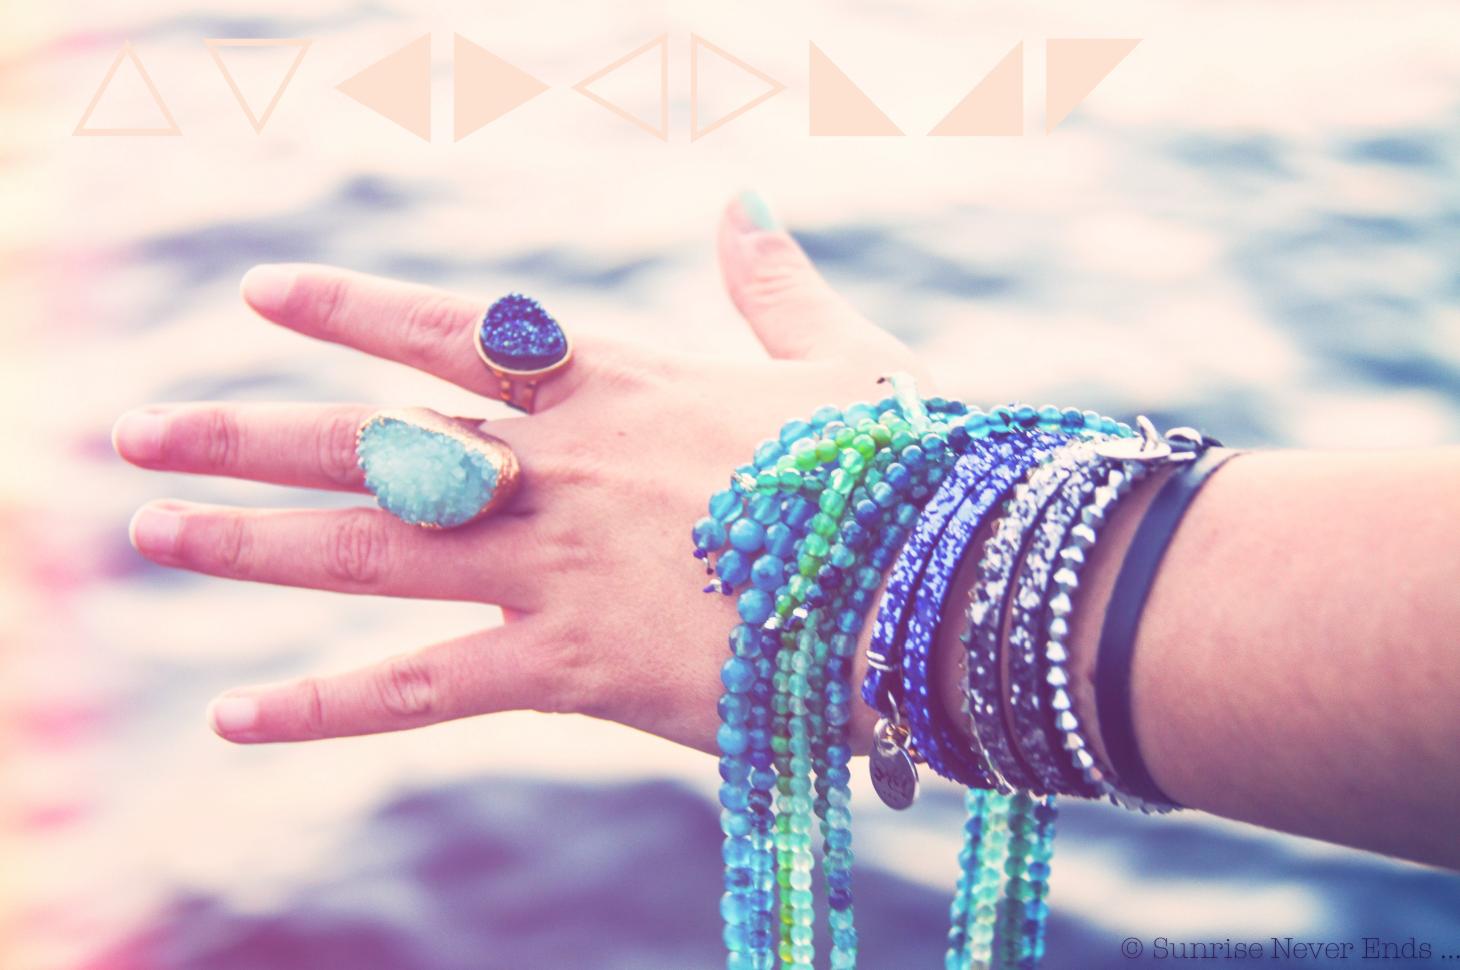 stones spirit,photo shooting,mode,cassis,la méricaine,cape,poncho,ateliers de sathyne,bijoux,hippie,new age,bensimon,sunrise never ends